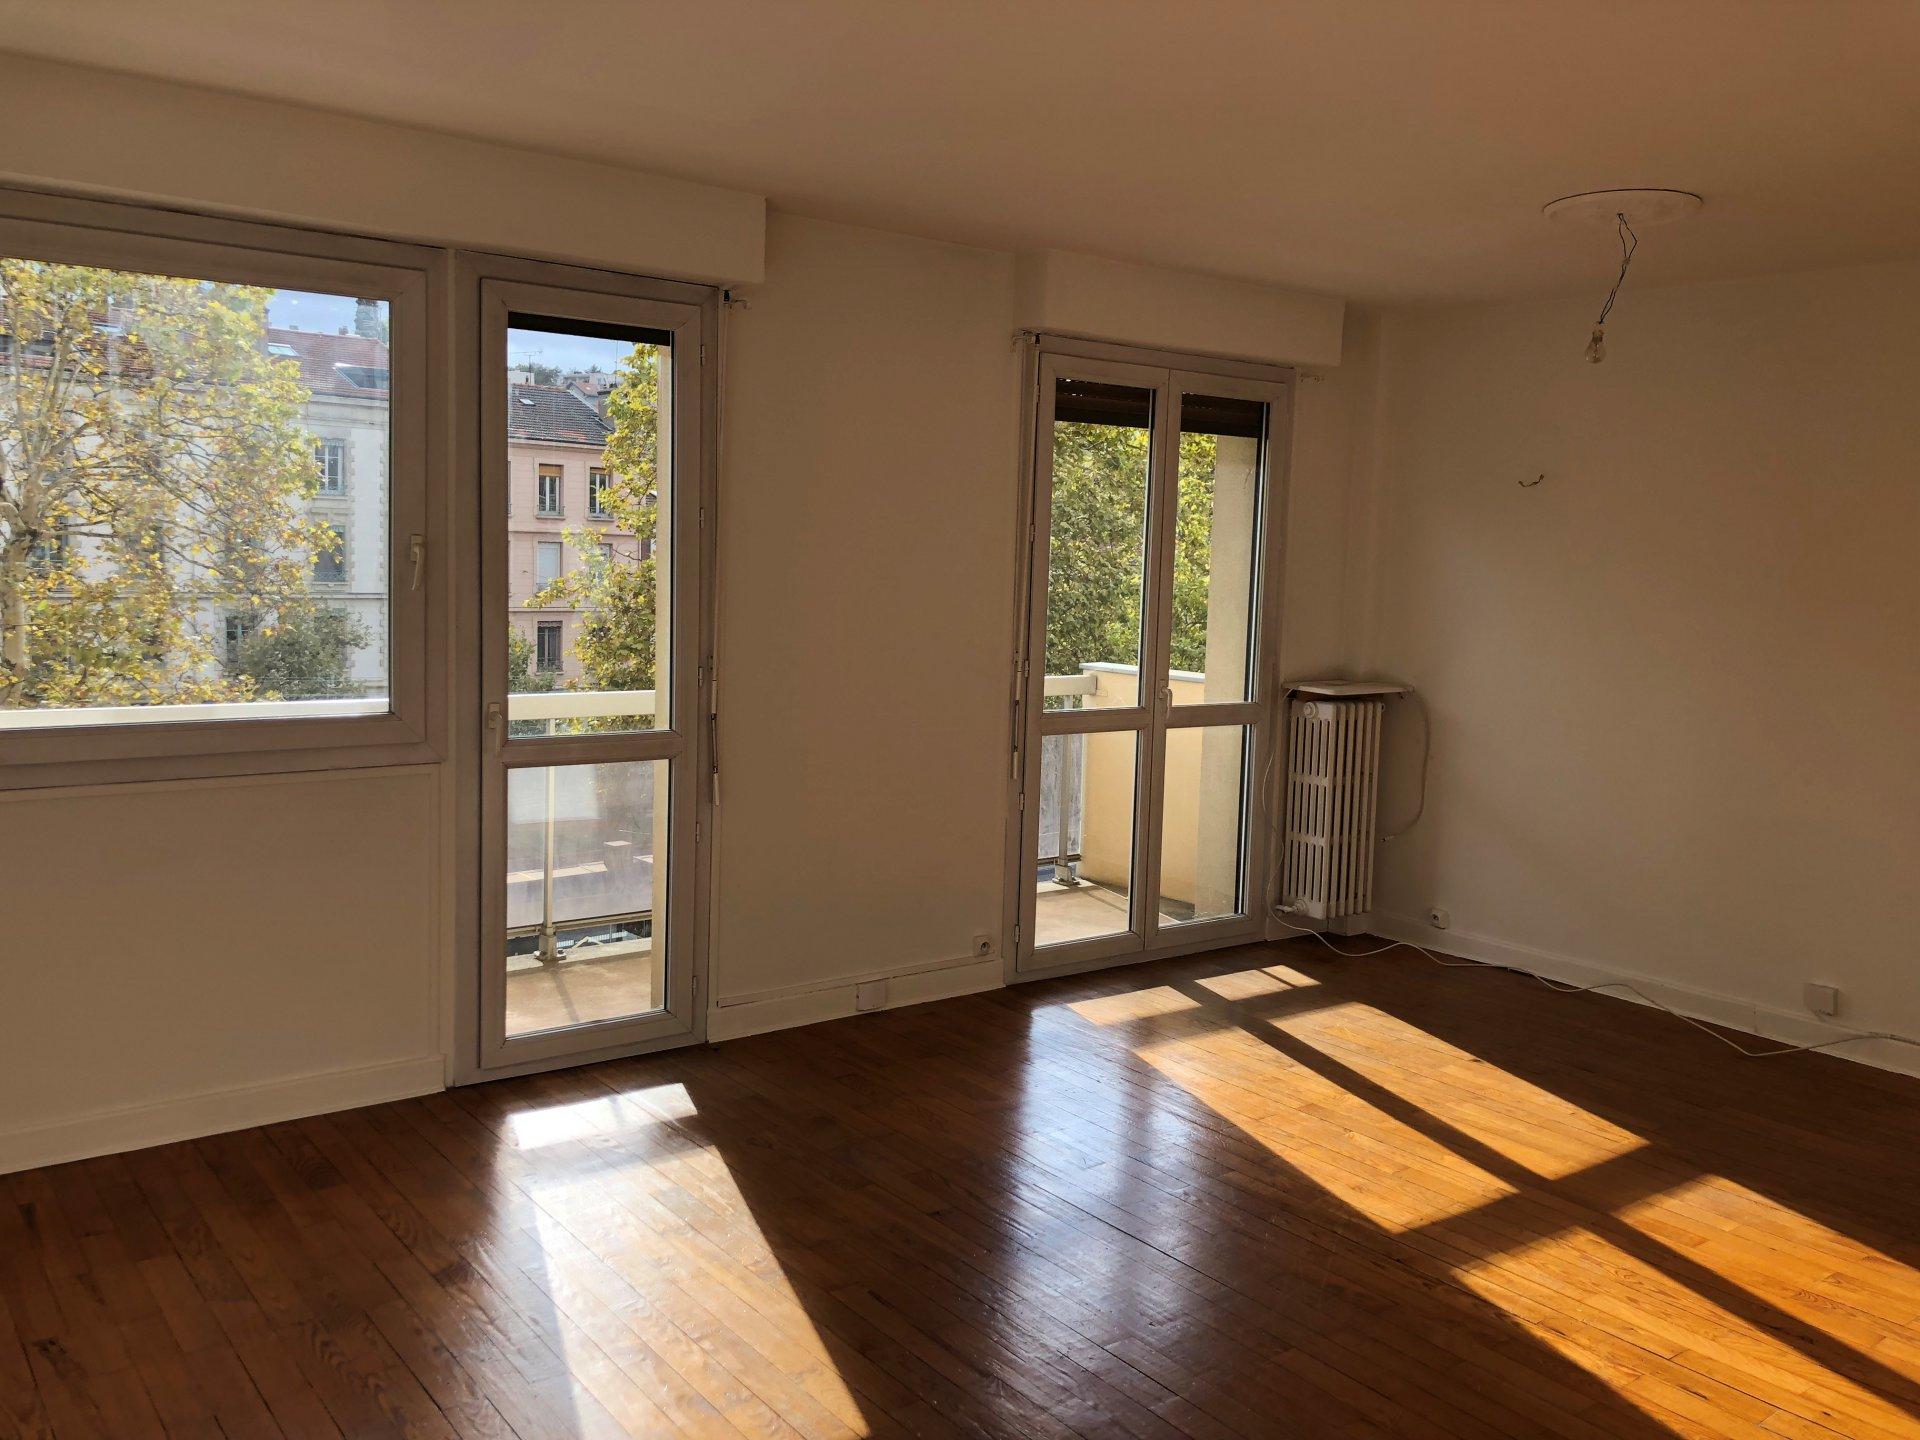 Appartement T3 de 67 m² avec balcon -  IMMEUBLE STANDING - COURS FAURIEL - CUISINE ÉQUIPÉE